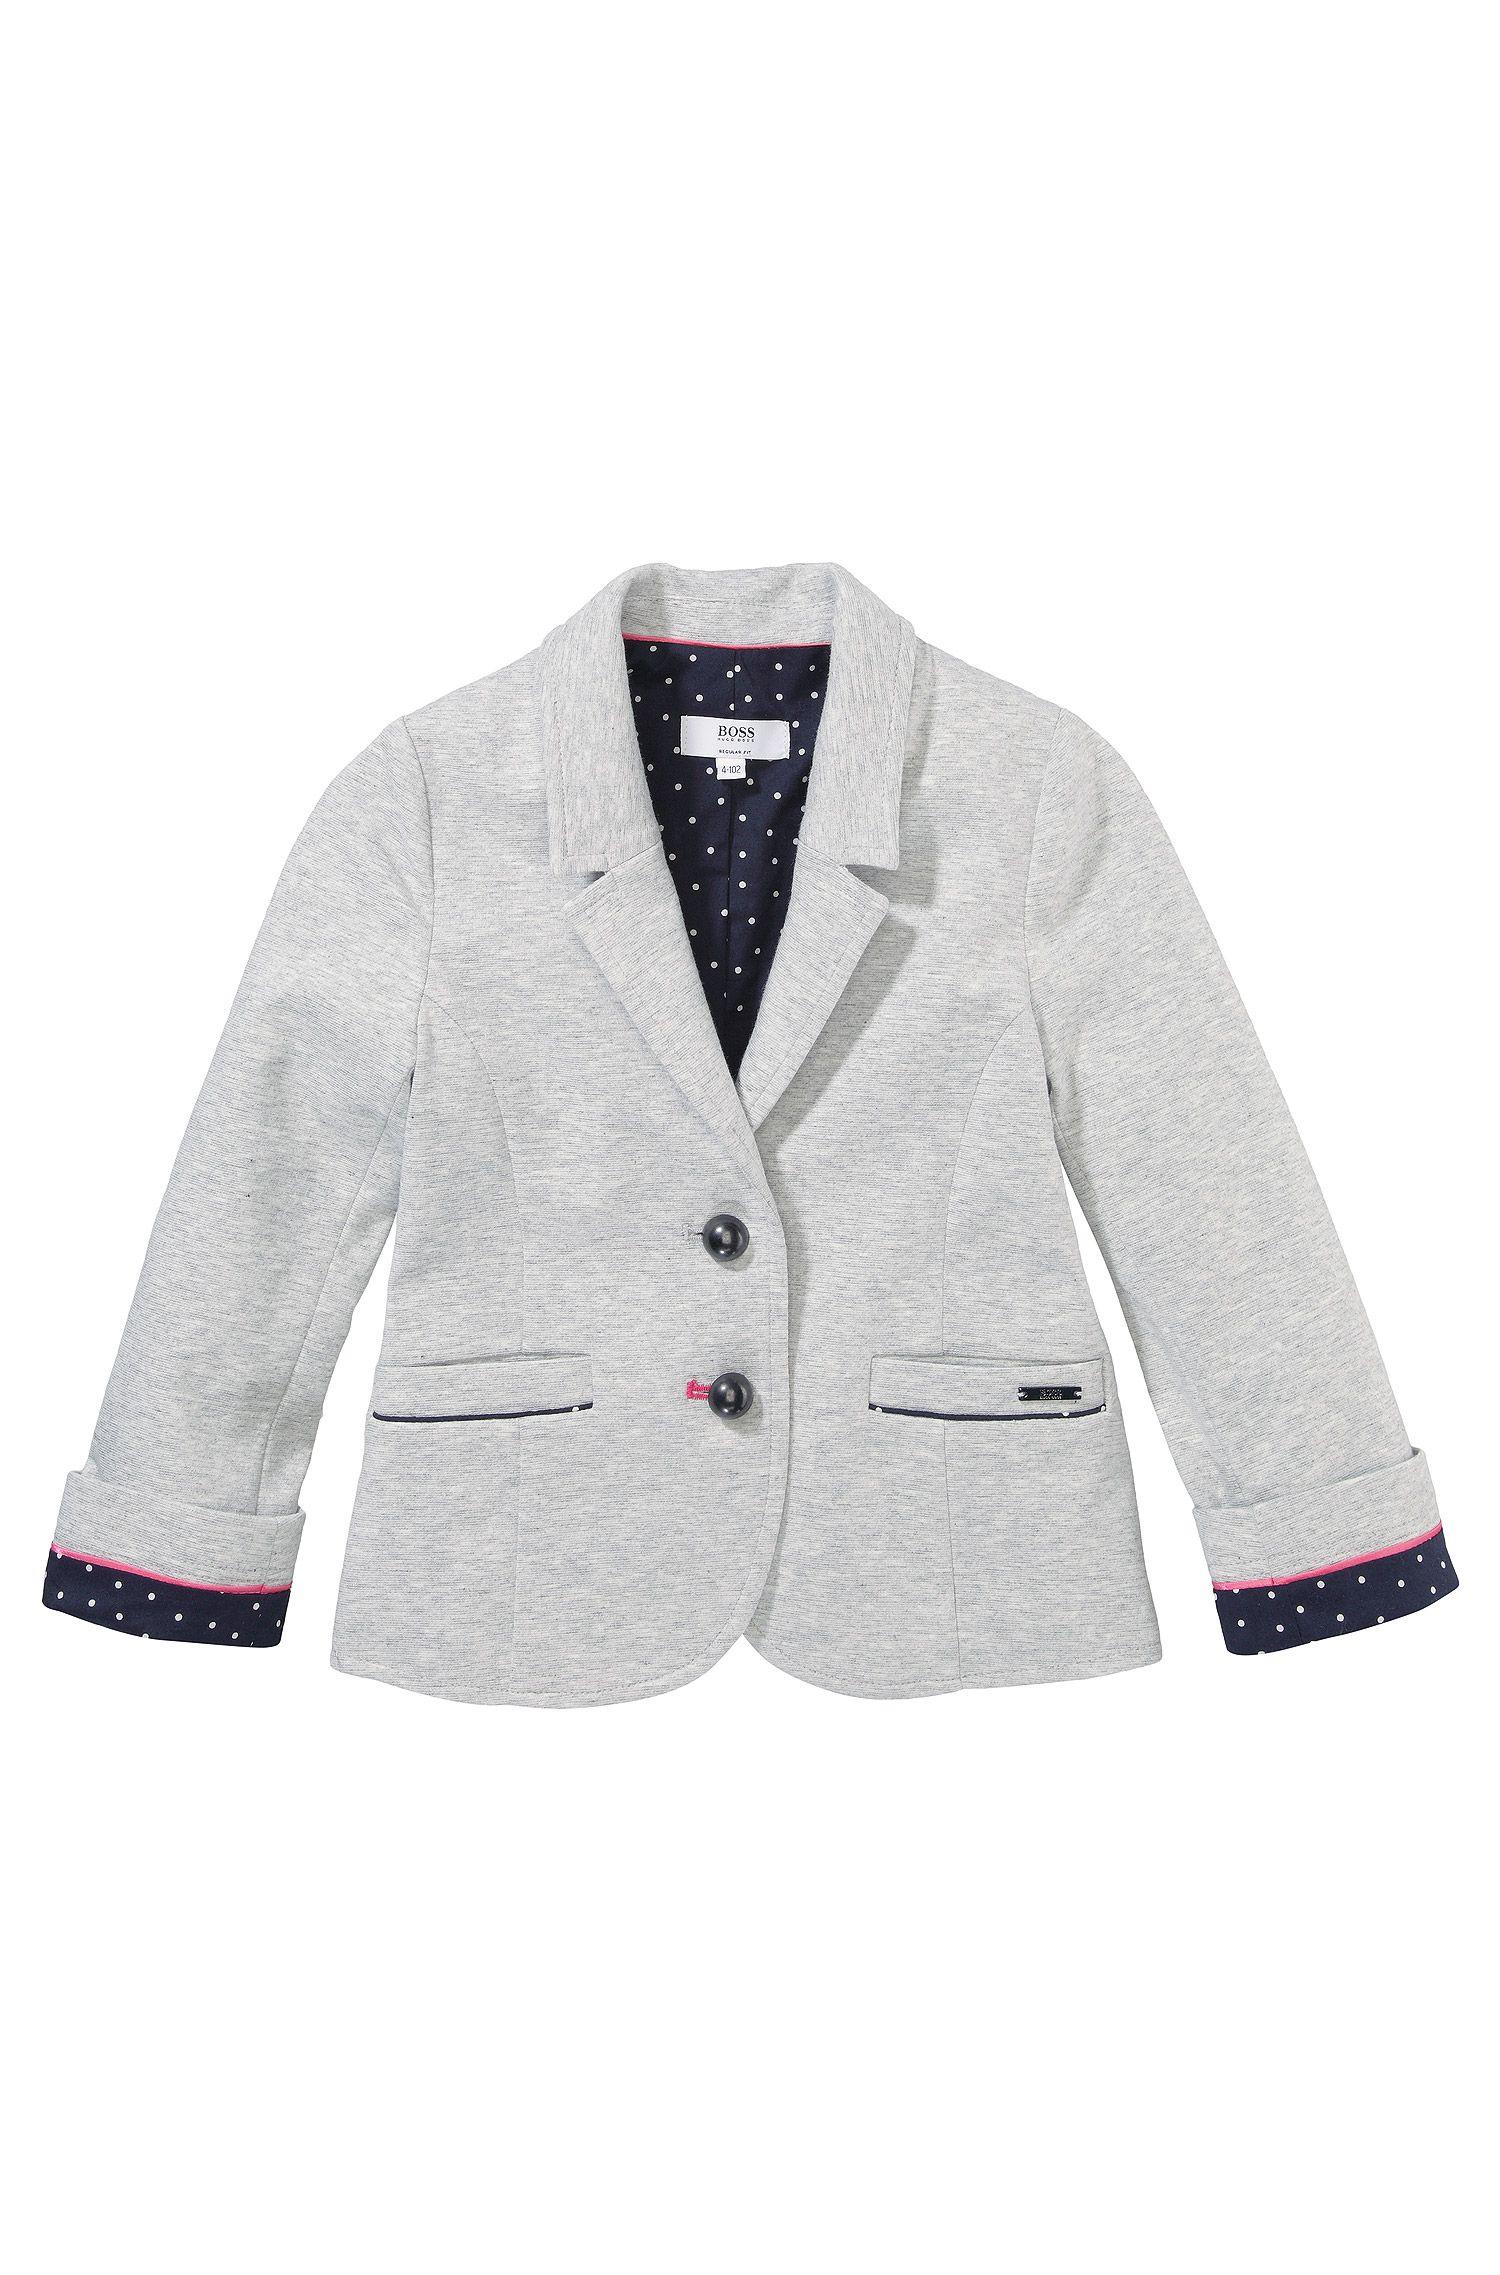 Blazer pour enfant «J15285» en jersey de coton mélangé